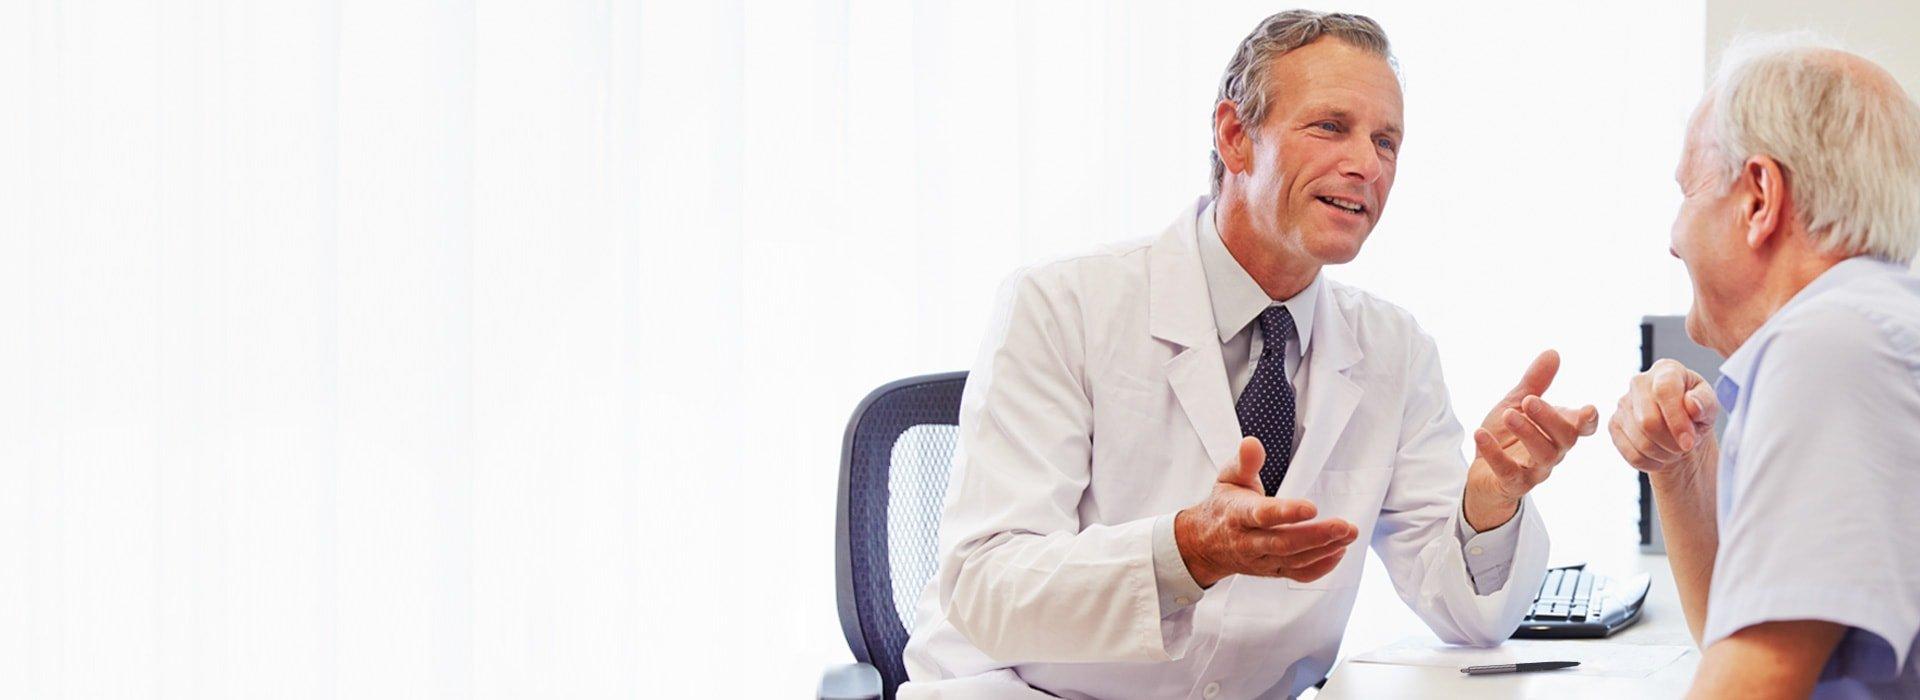 聴覚ケアの専門家に相談をする男性